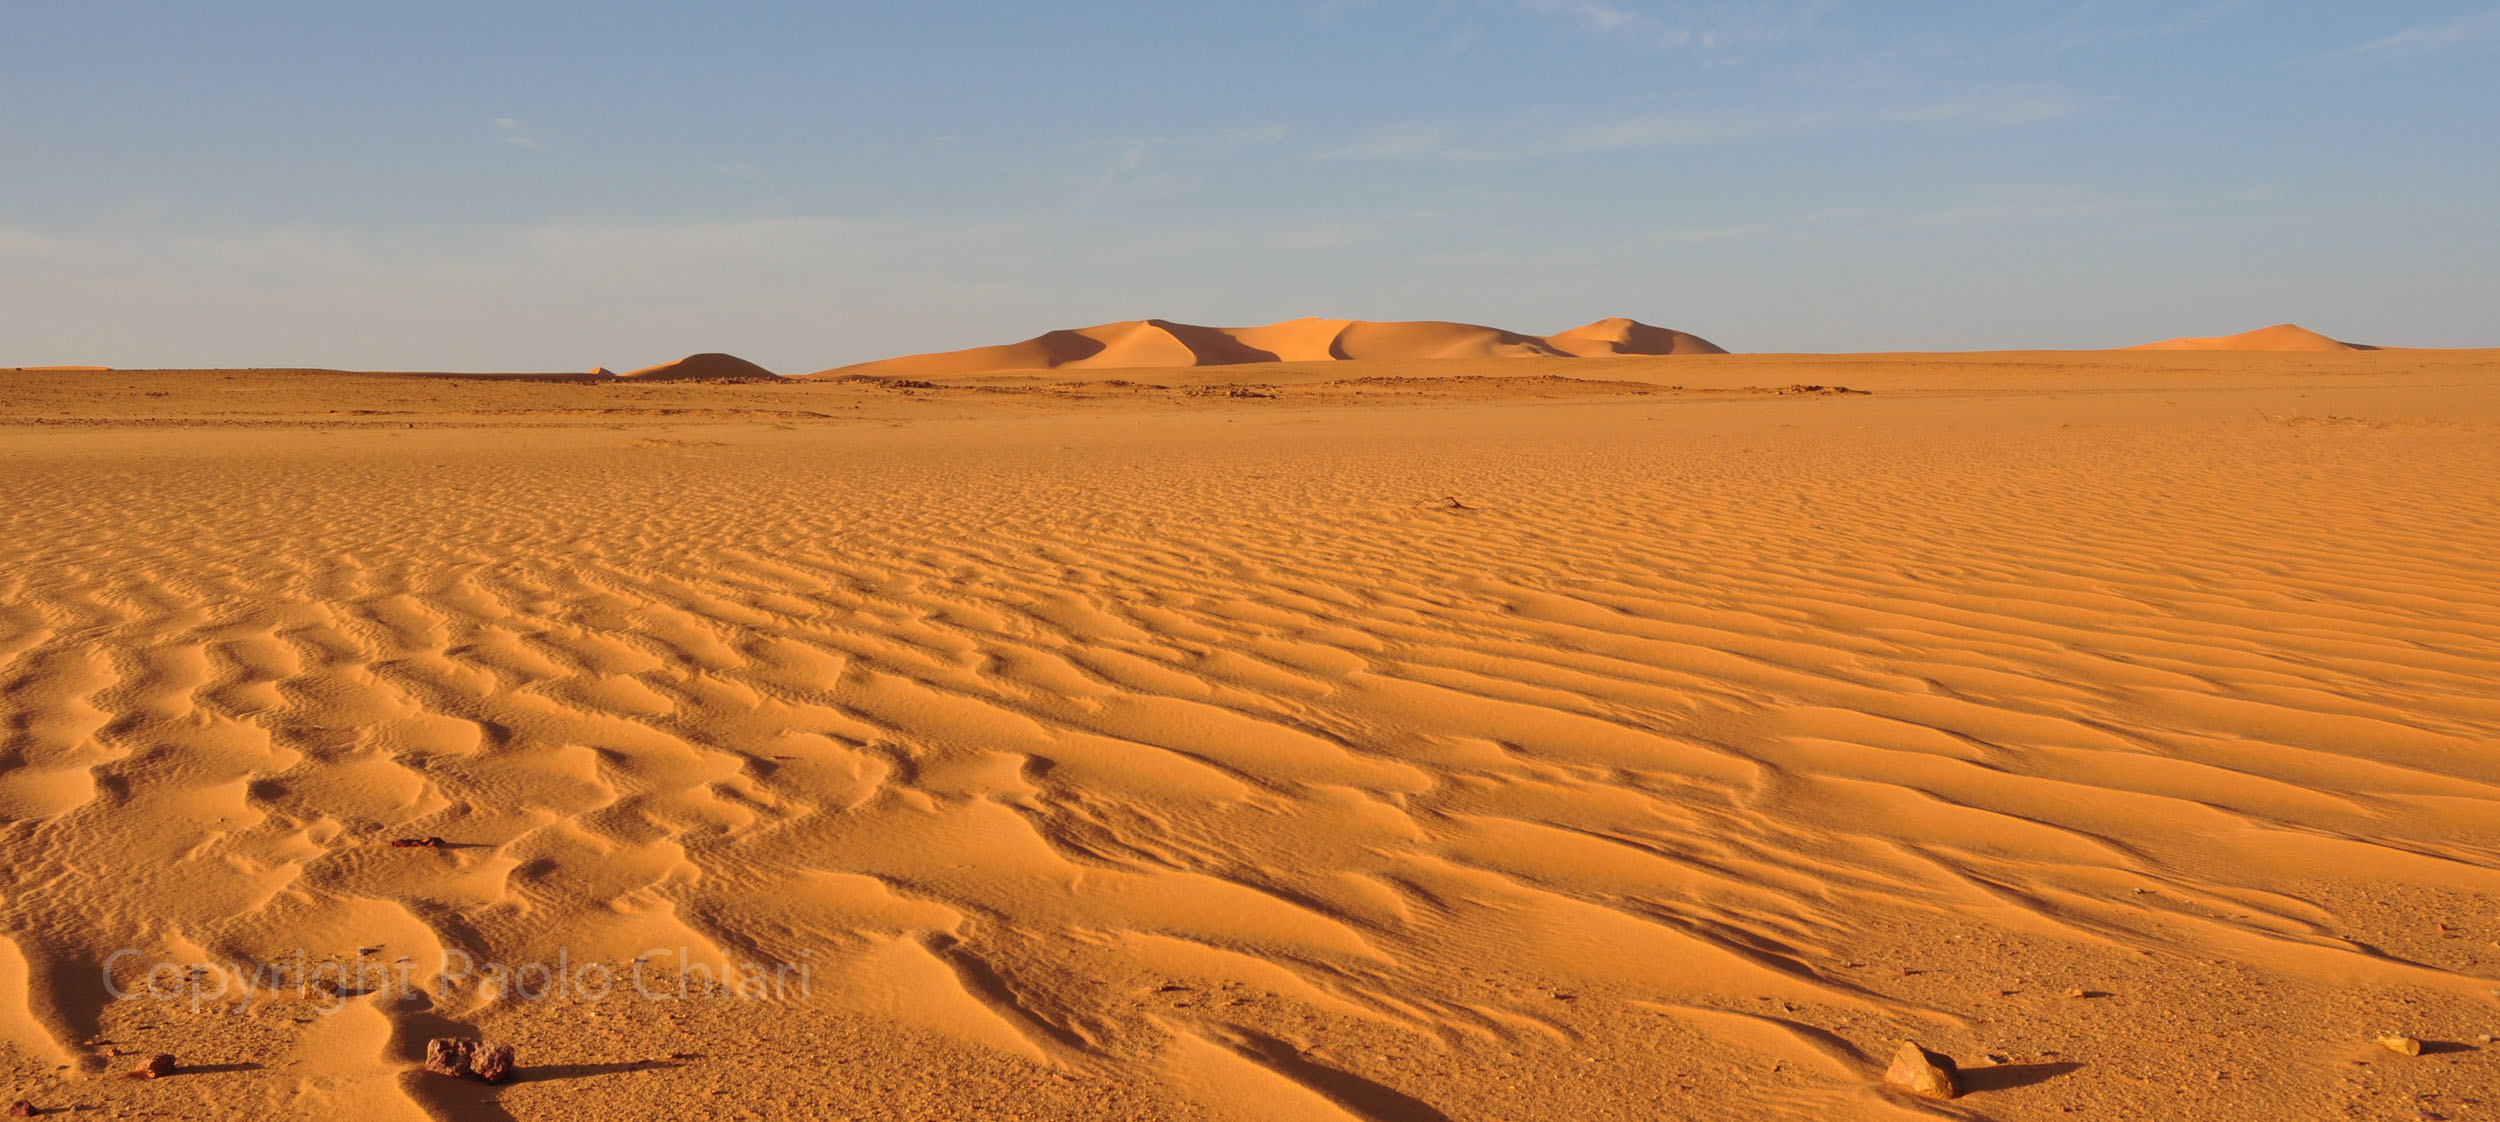 libia2010a_1396